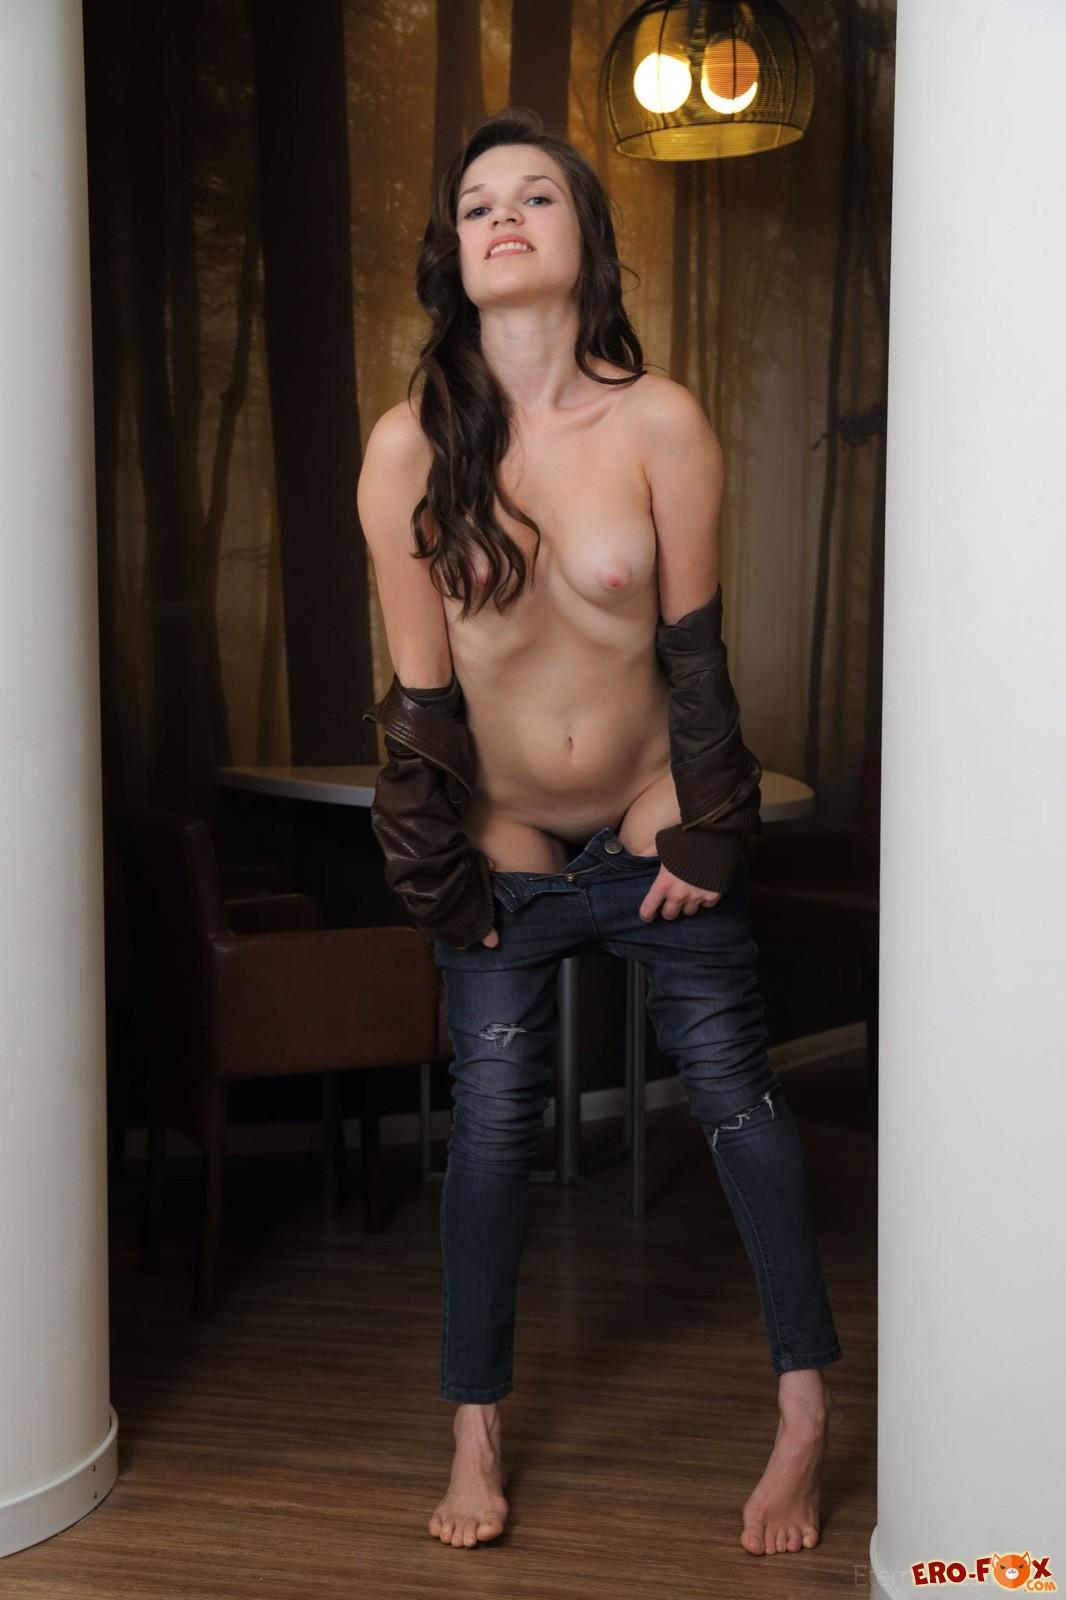 Сексуальная девушка в кожаной куртке и джинсах